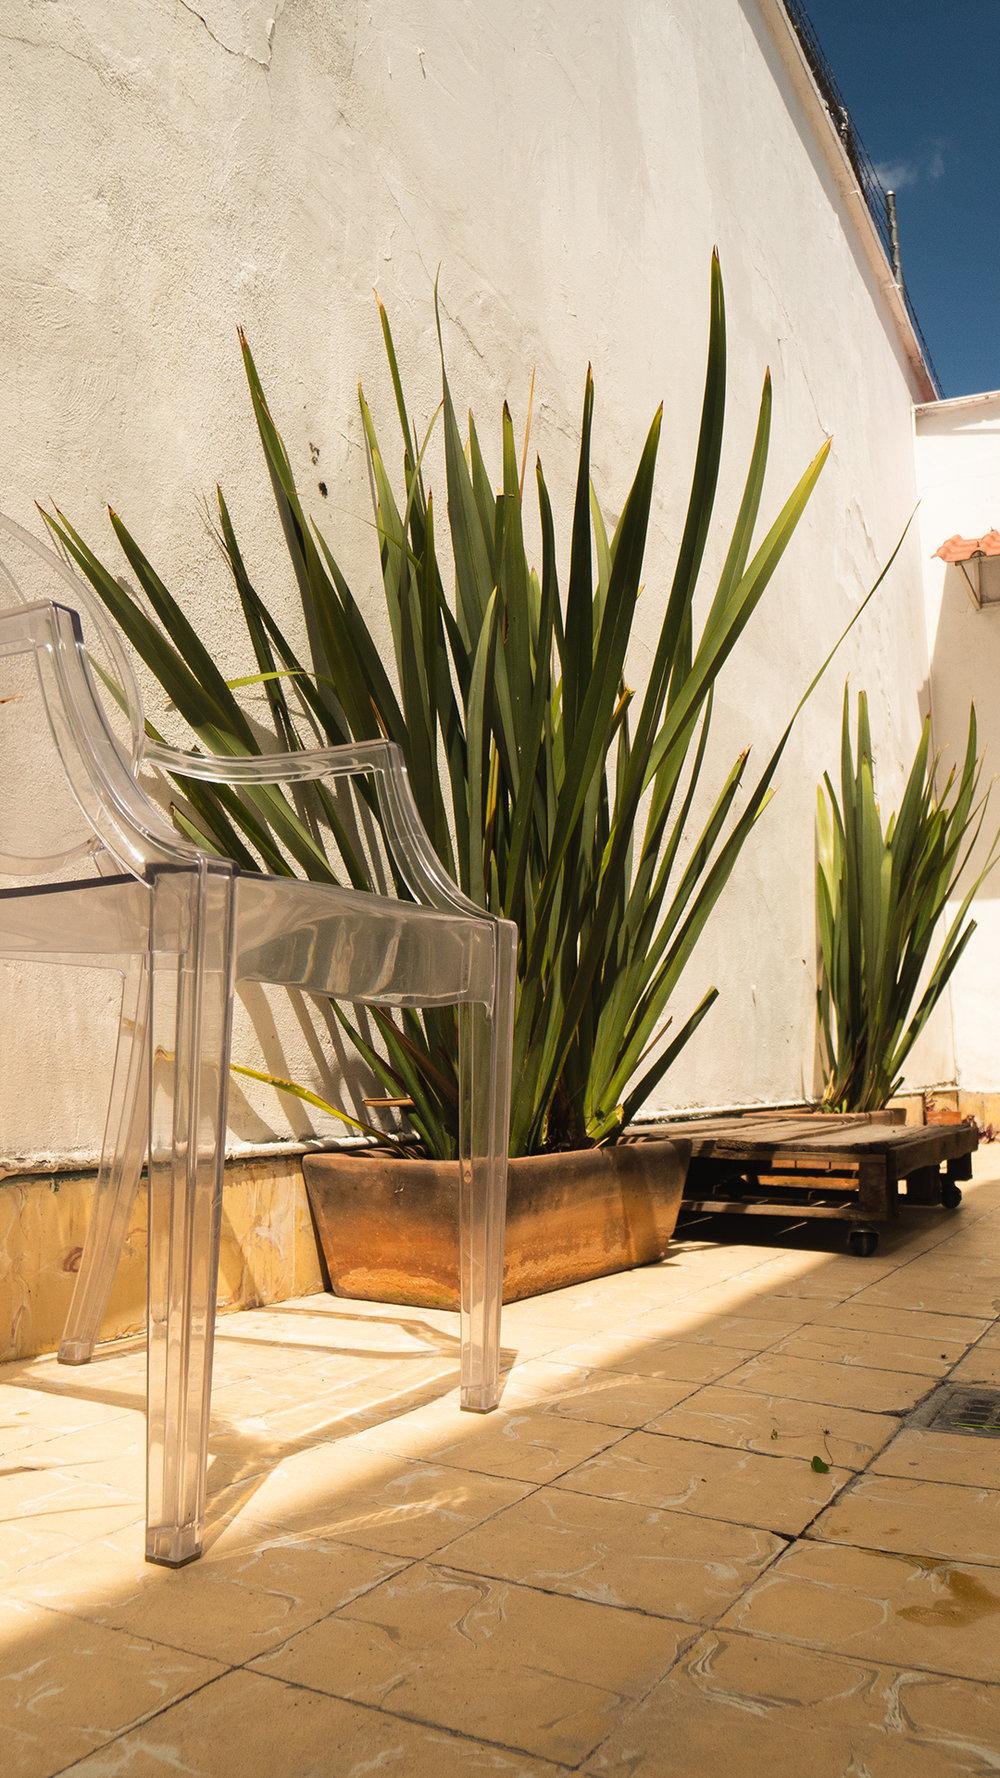 mexico-queretaro-hotel-entrance-creative-session-